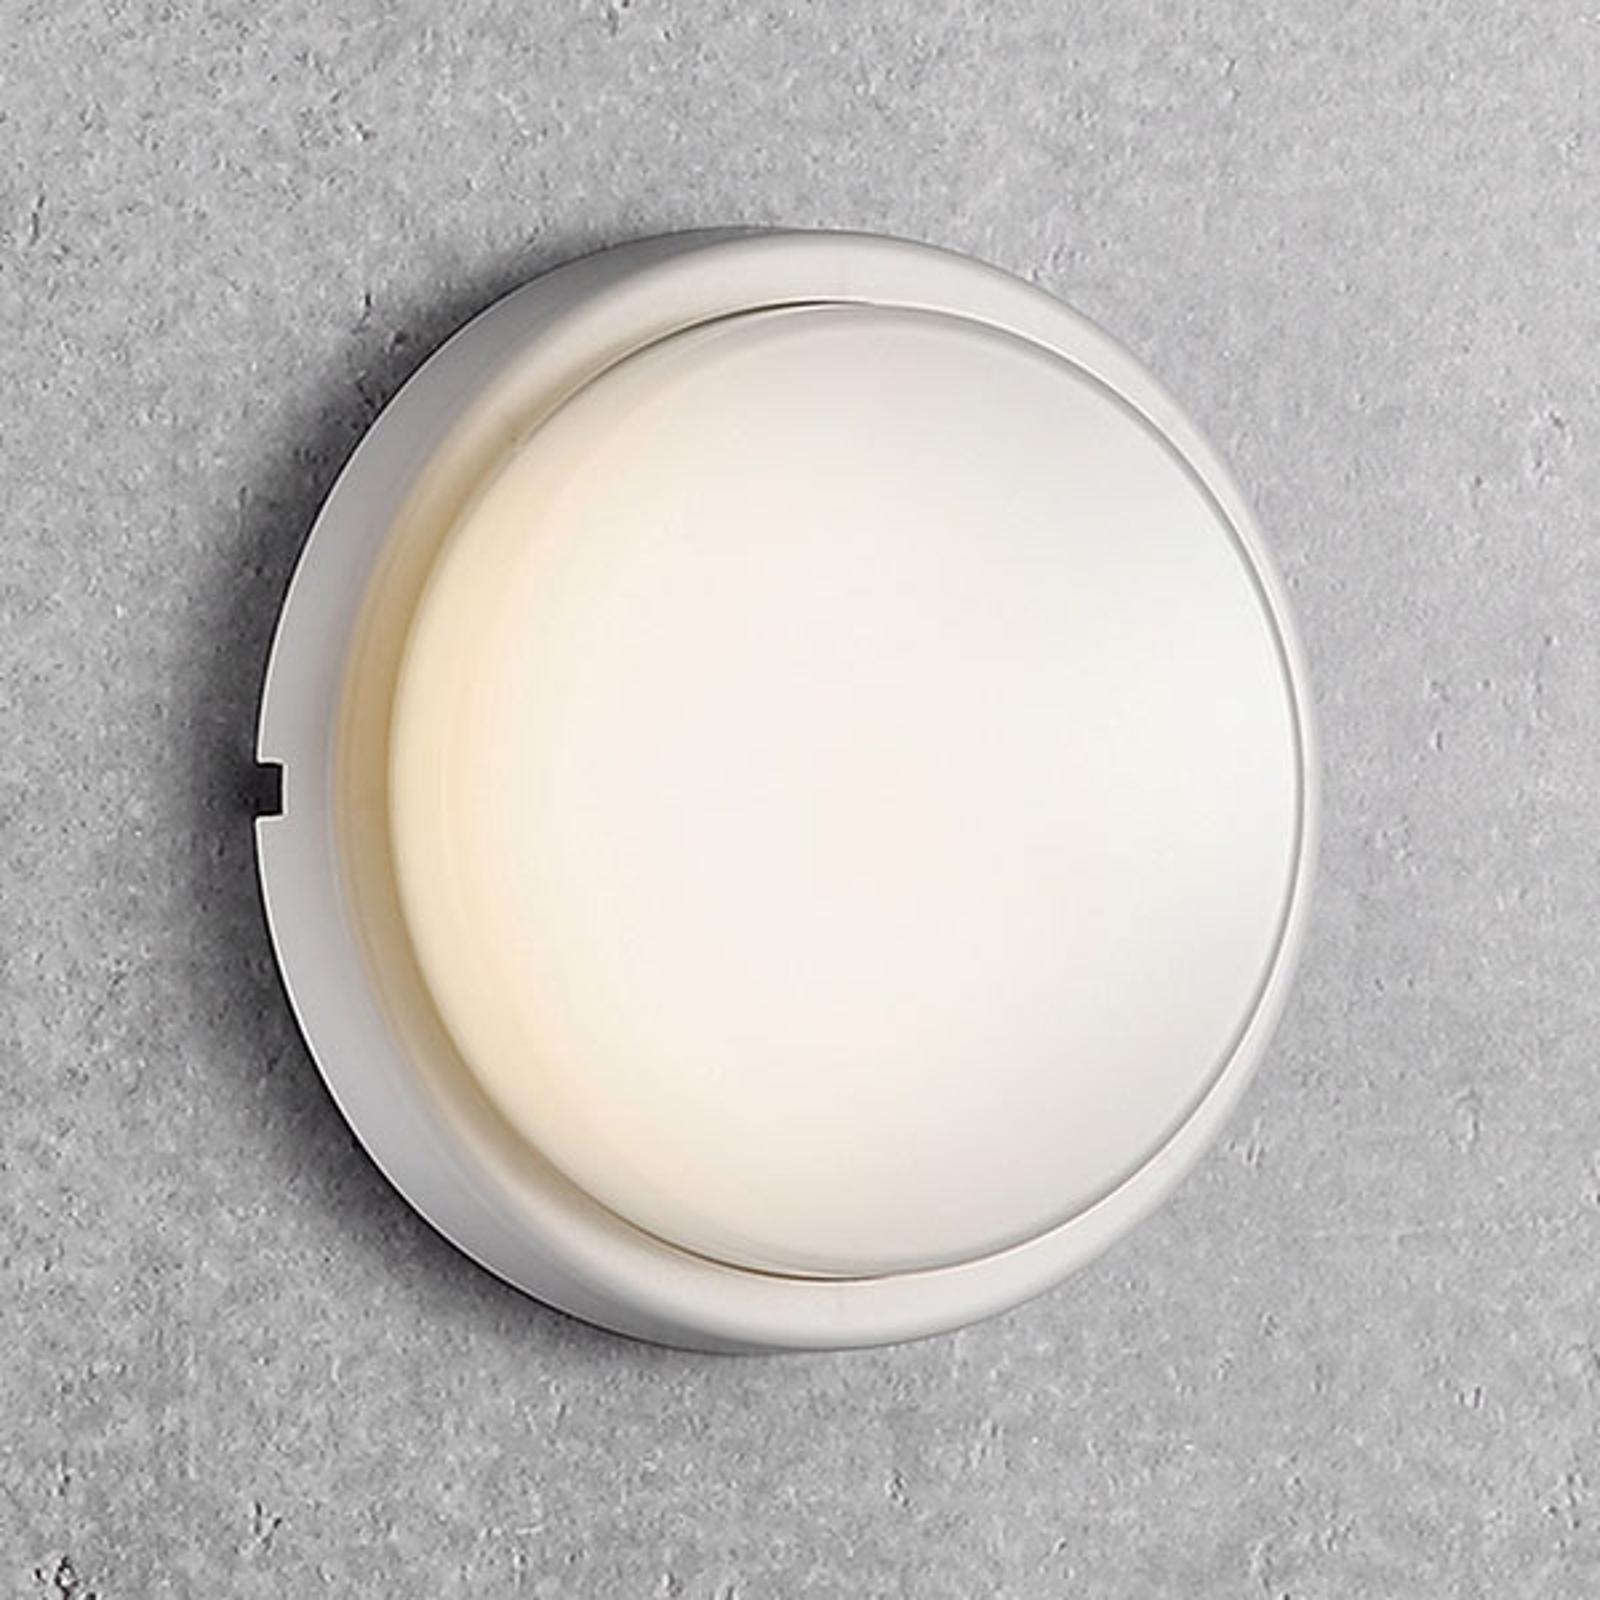 LED-ulkoseinälamppu Cuba Energy, Ø 17,5 cm